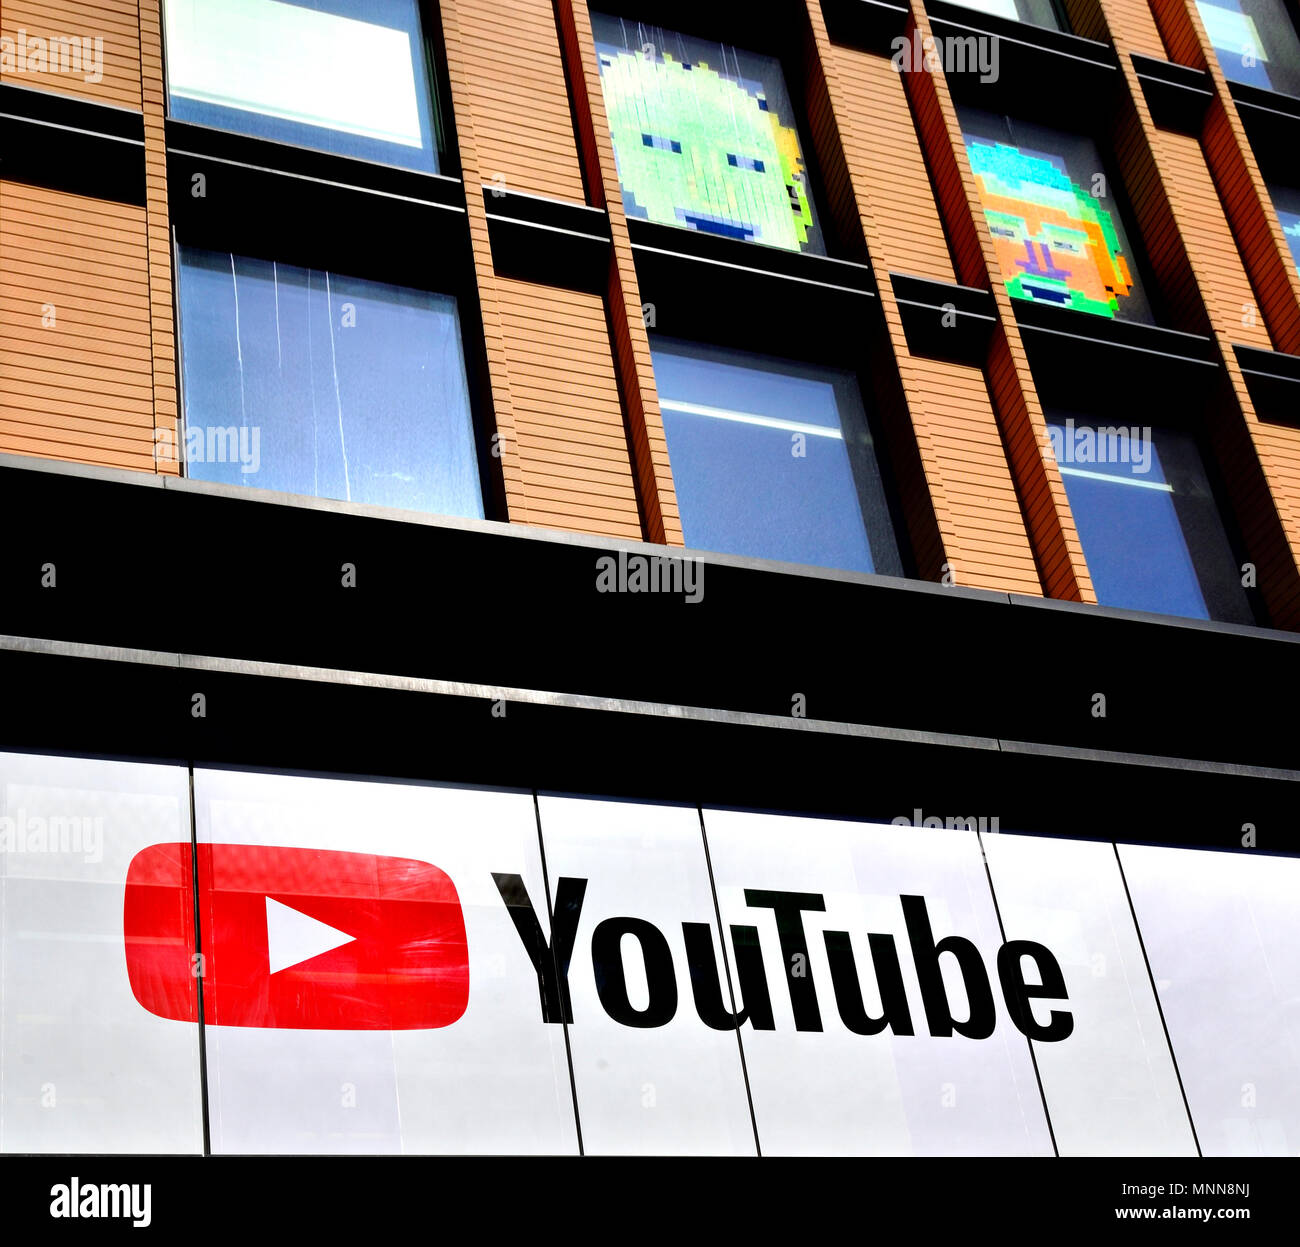 Spazio di YouTube - sede di Londra, King's Cross a Londra, Inghilterra, Regno Unito. Immagini Stock